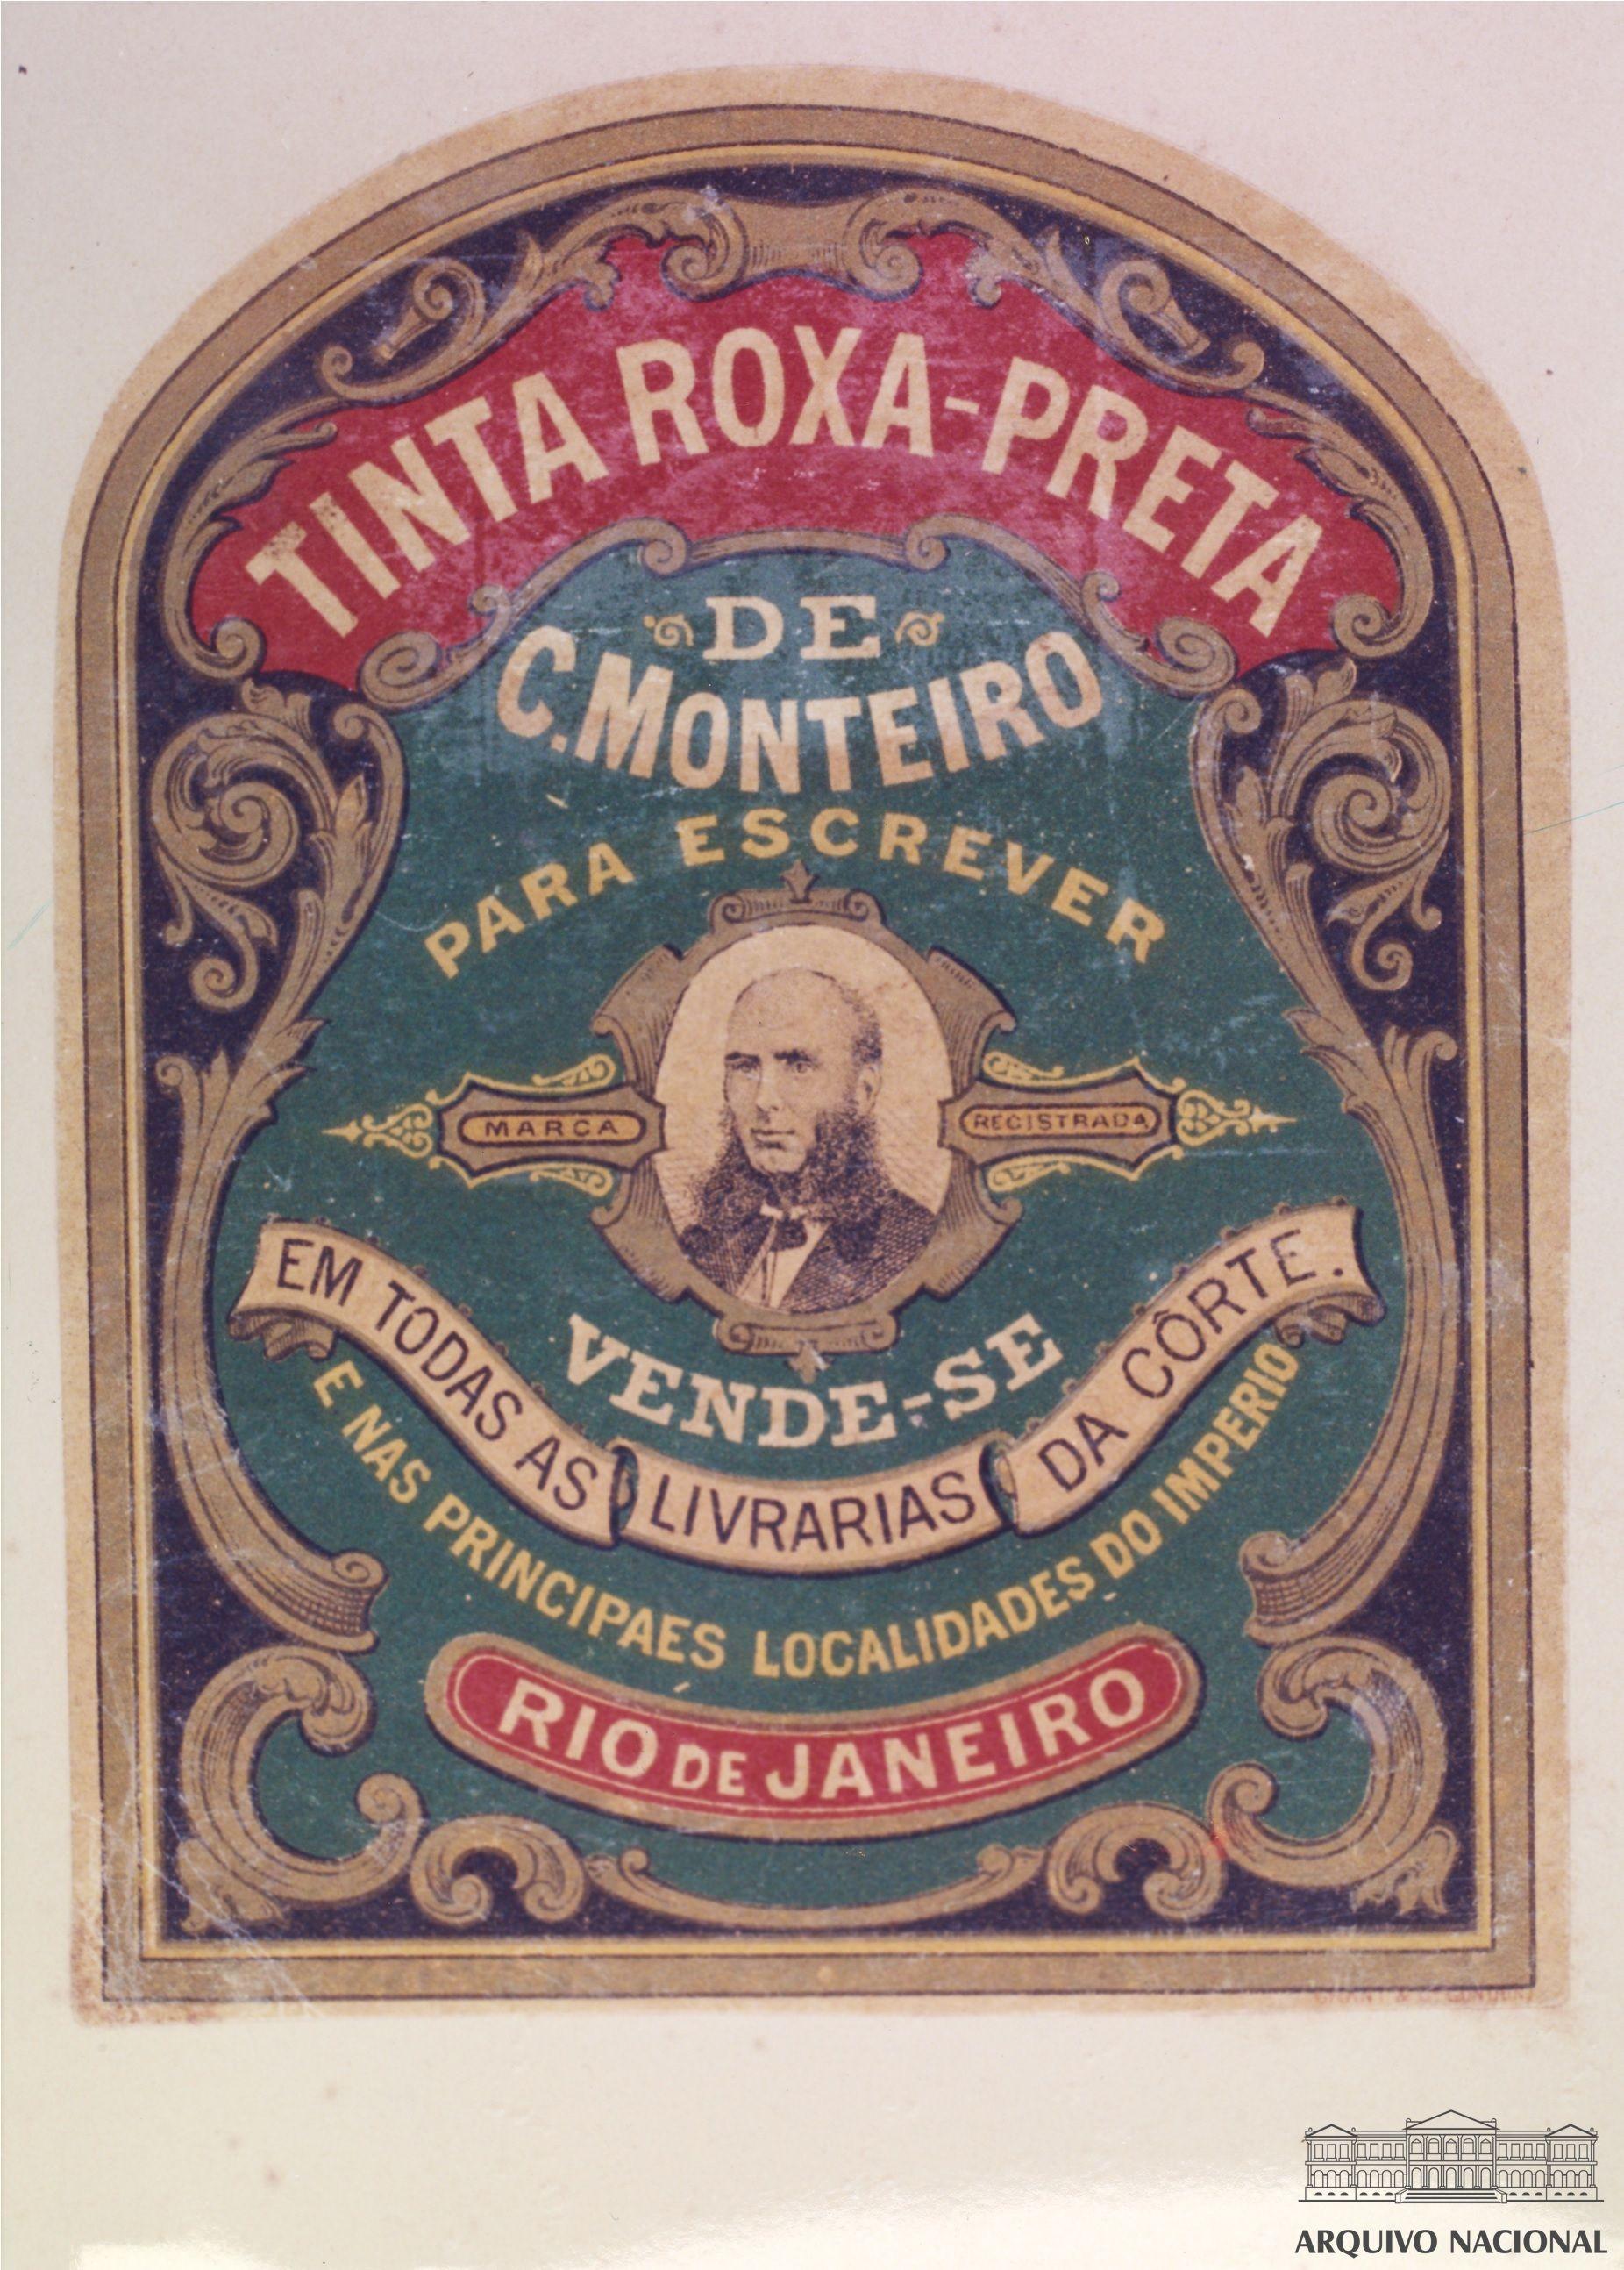 Rotulo De Tinta Roxa Preta Para Escrever Produto Comercializado